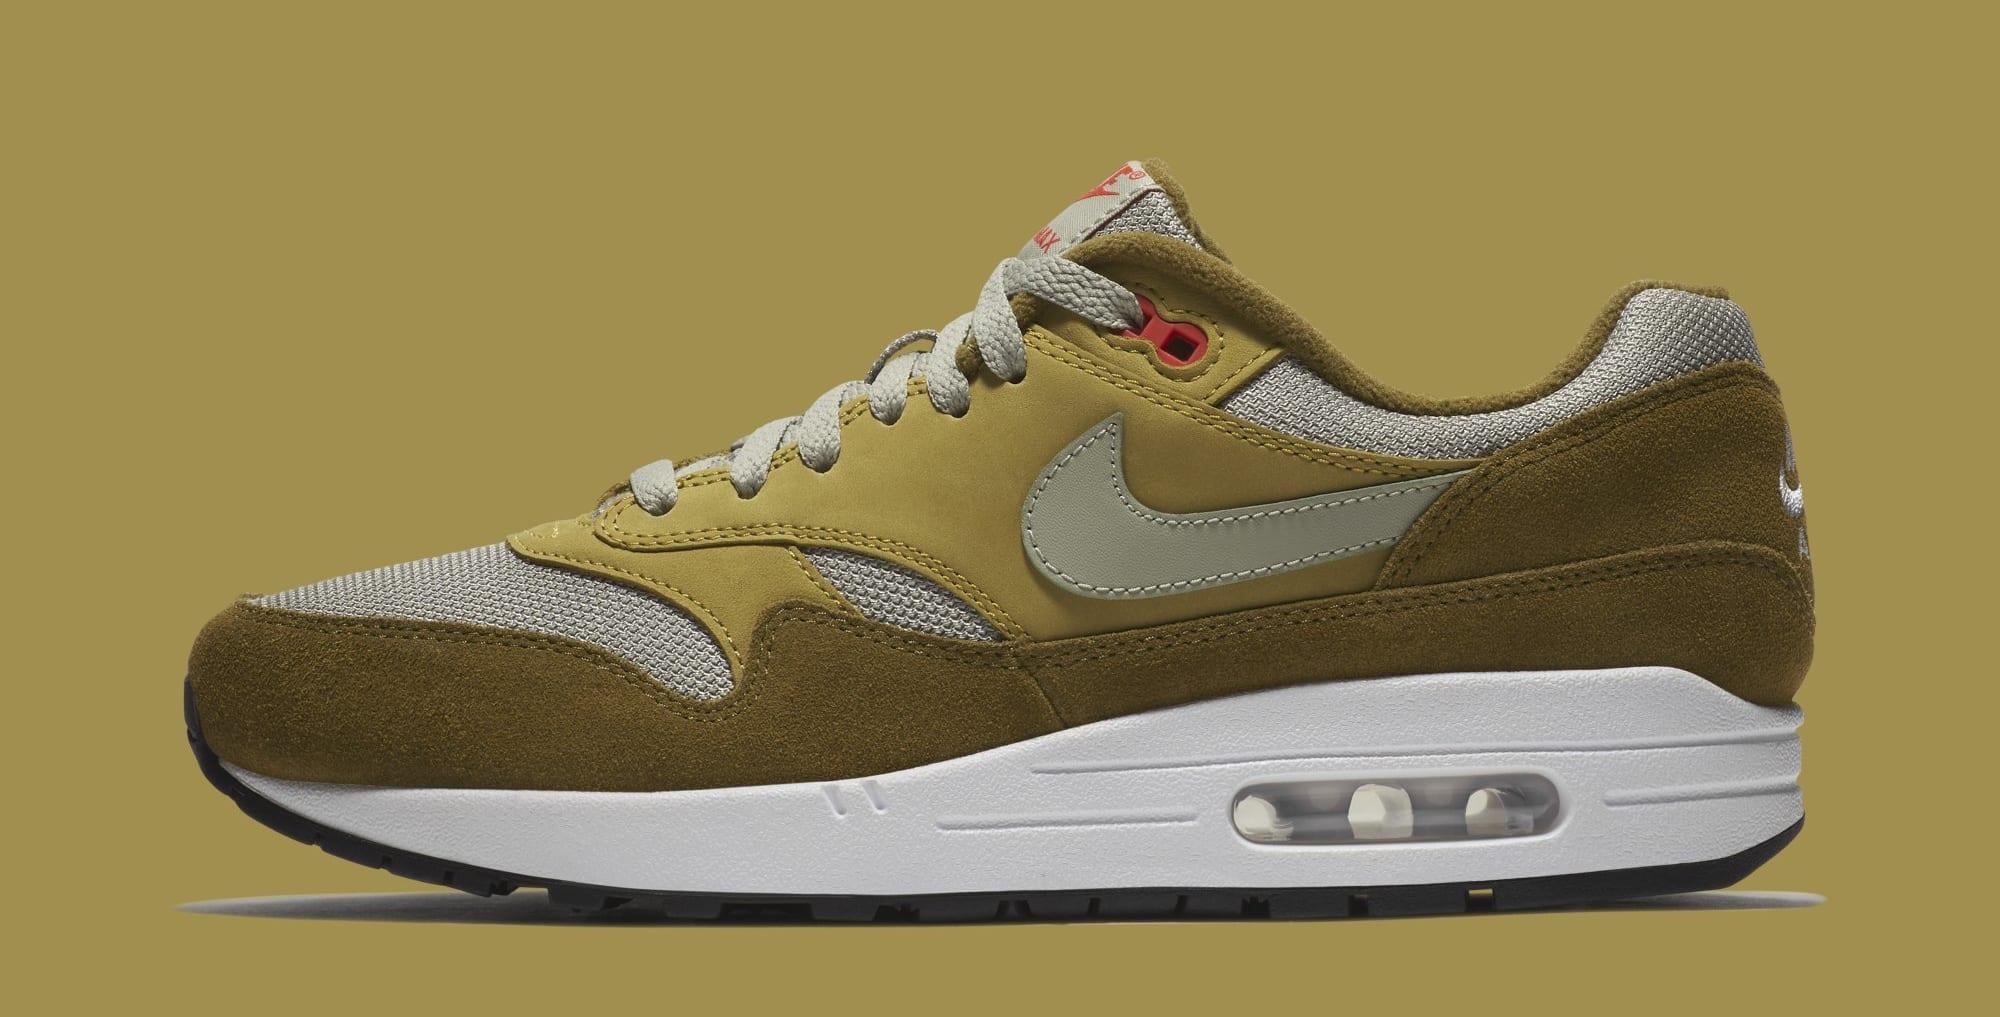 Atmos x Nike Air Max 1 'Green Curry' 908366-300 (Lateral)